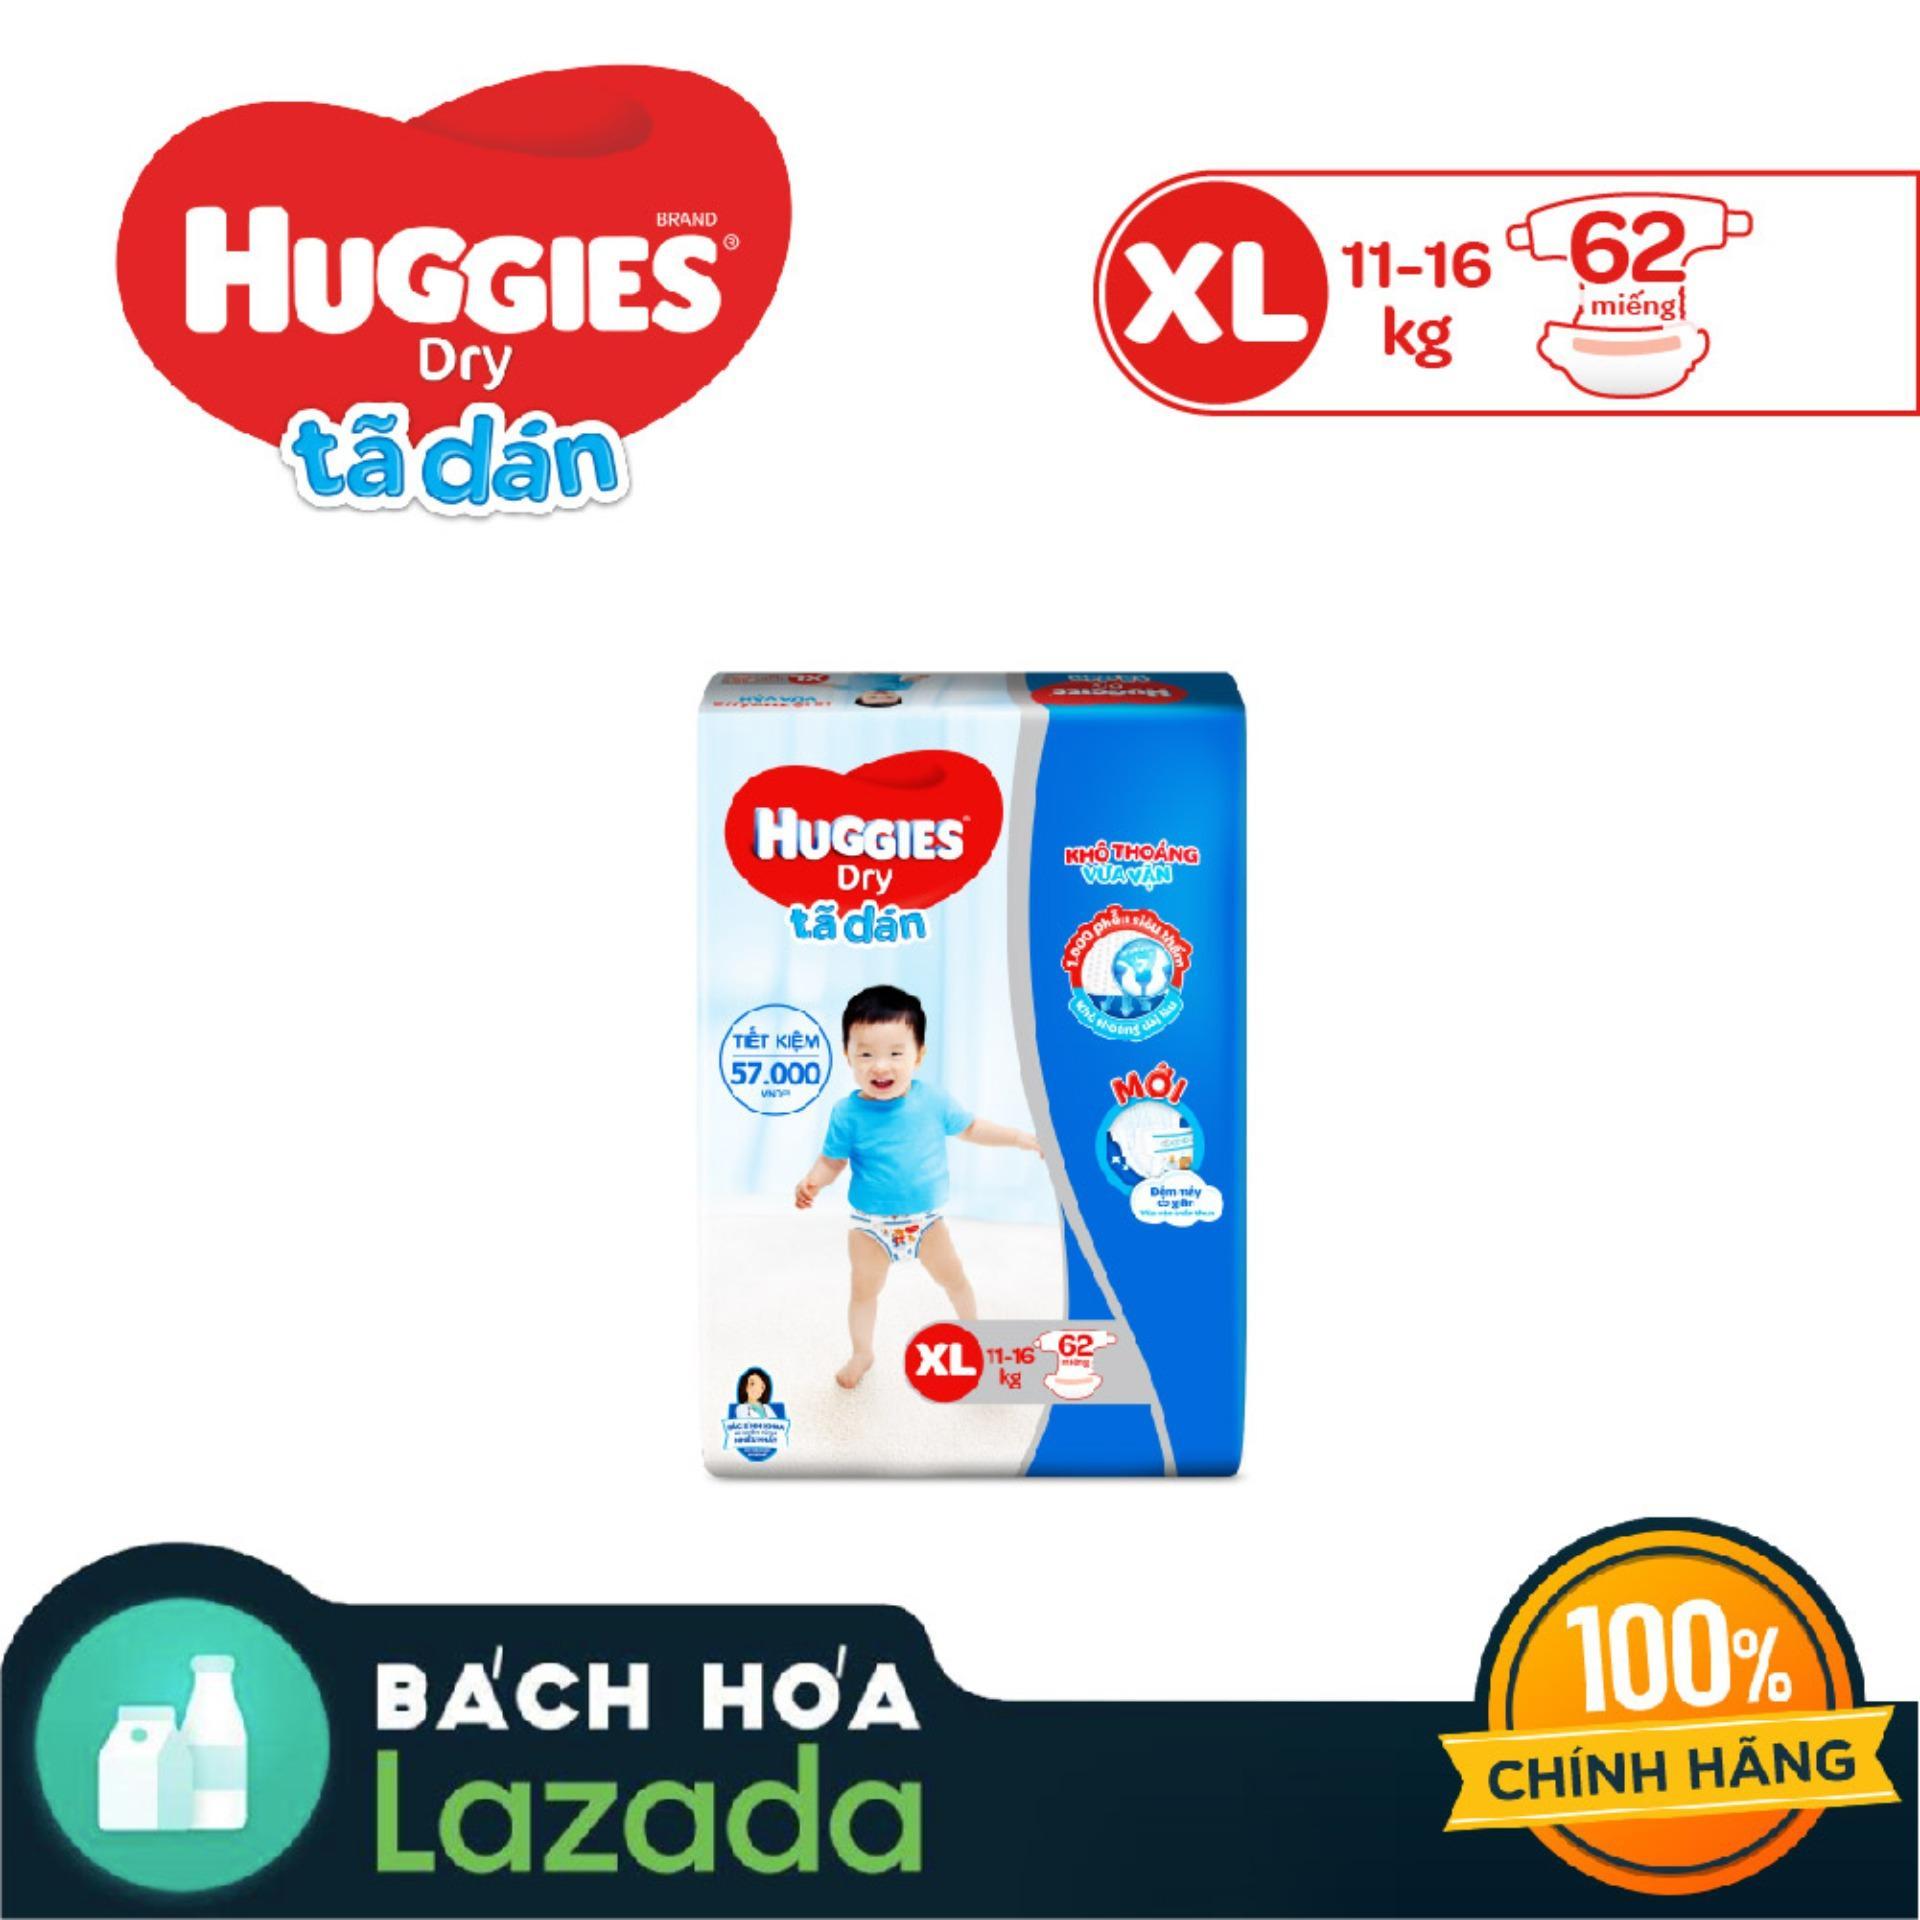 Tã/bỉm Dán Huggies Dry Super Jumbo XL62(Đệm Mây Co Giãn) - Gói 62 Miếng (Cho Bé 11kg-16kg) - Cam Kết HSD Còn ít Nhất 10 Tháng Đang Ưu Đãi Giá